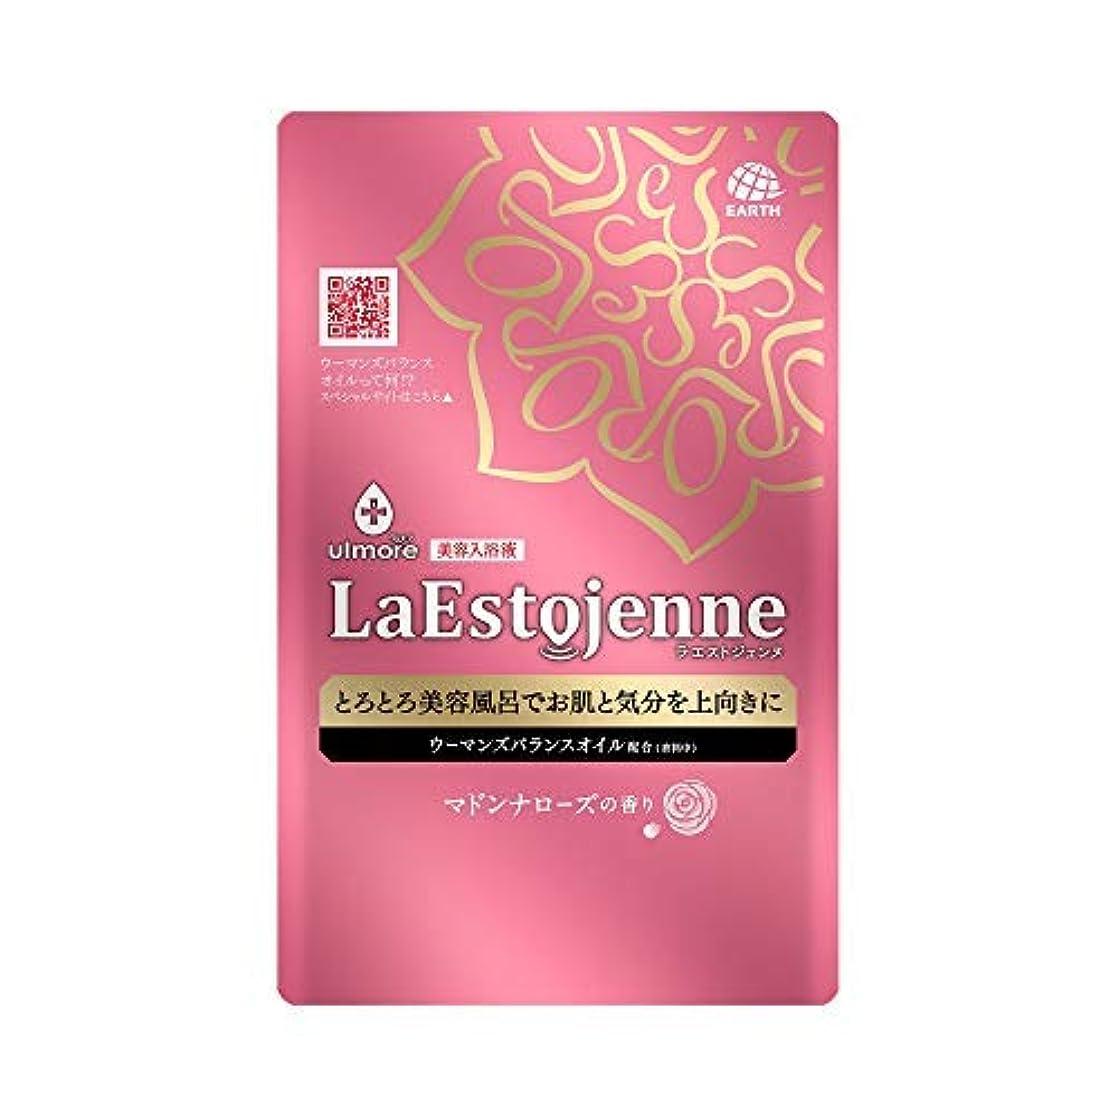 見せます一貫性のないバンジージャンプウルモア ラエストジェンヌ マドンナローズの香り 1包 × 8個セット